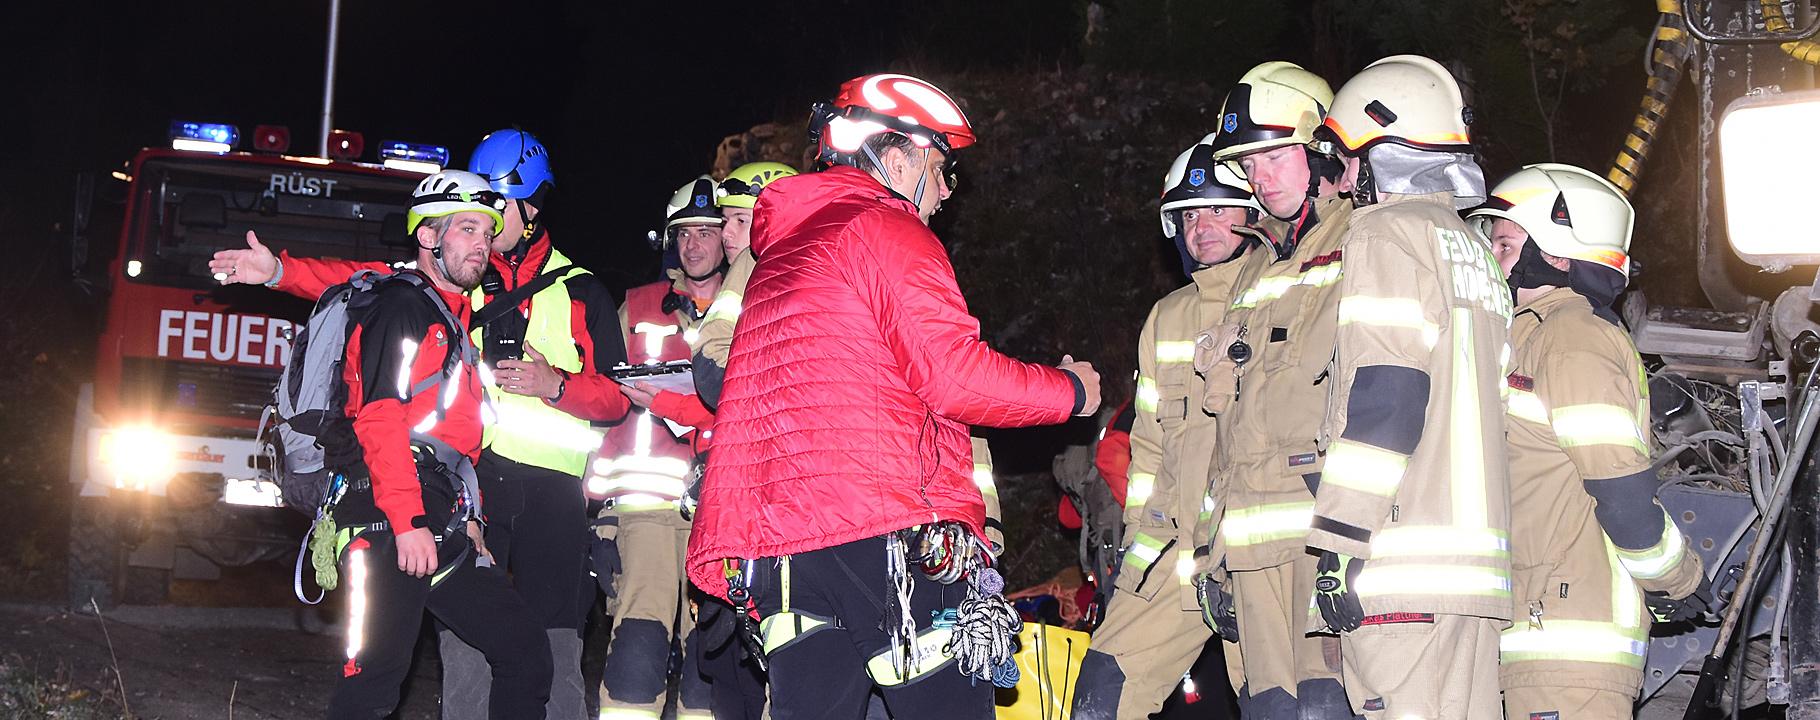 Zusammenarbeit Bergrettung und Feuerwehr Hohenems